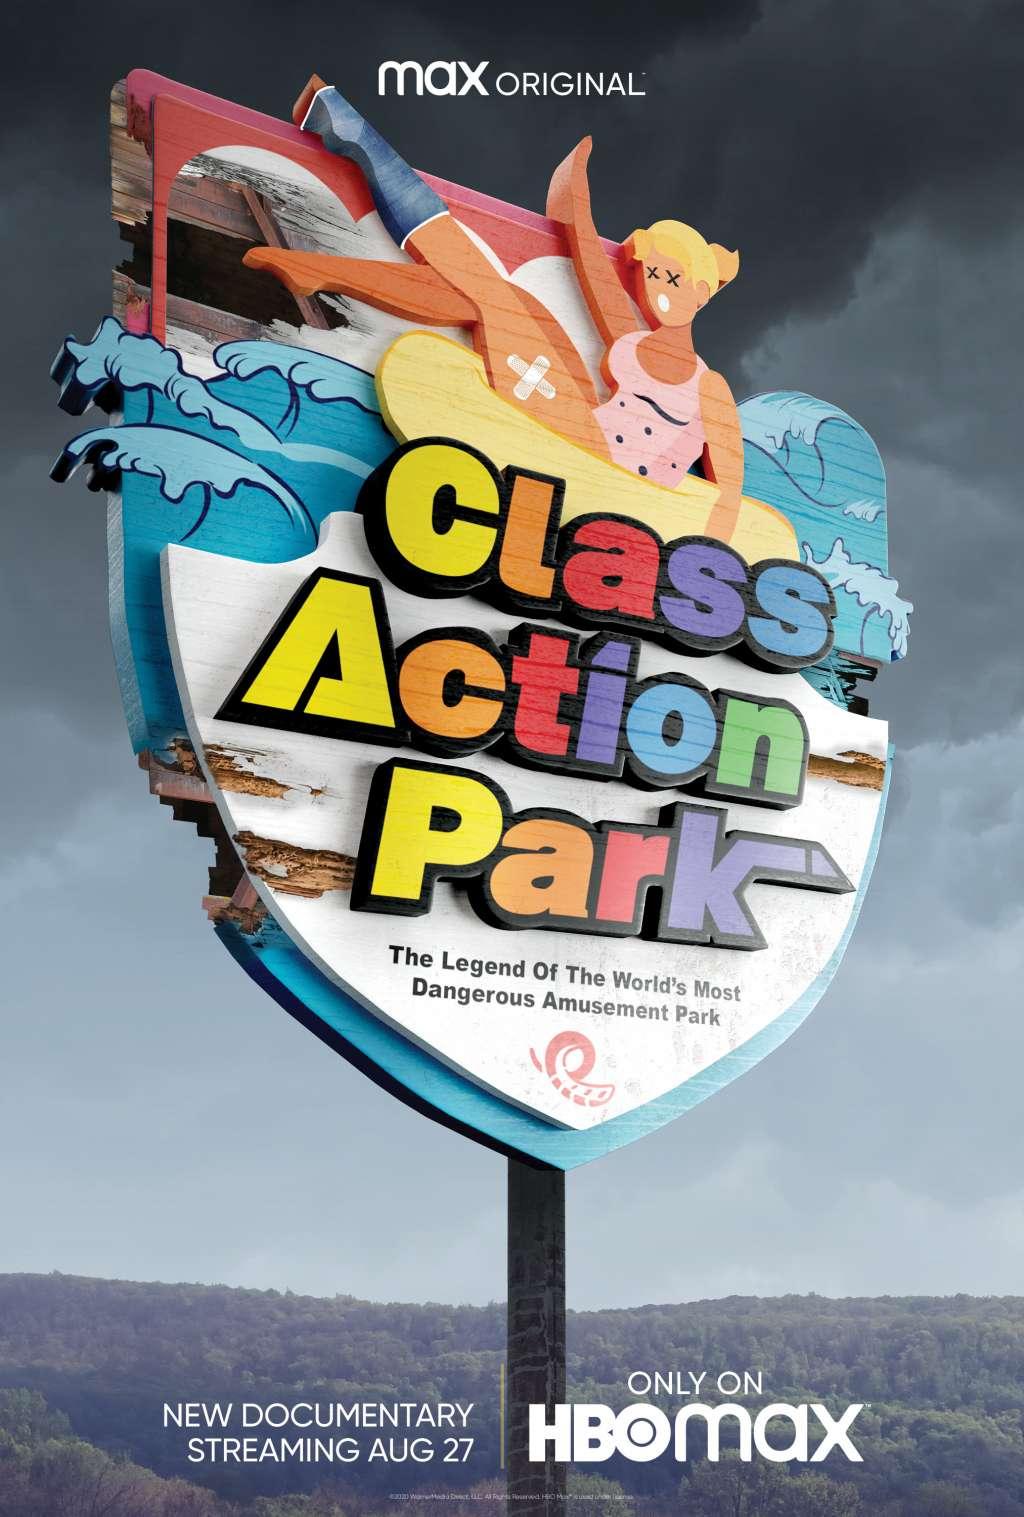 Class Action Park kapak